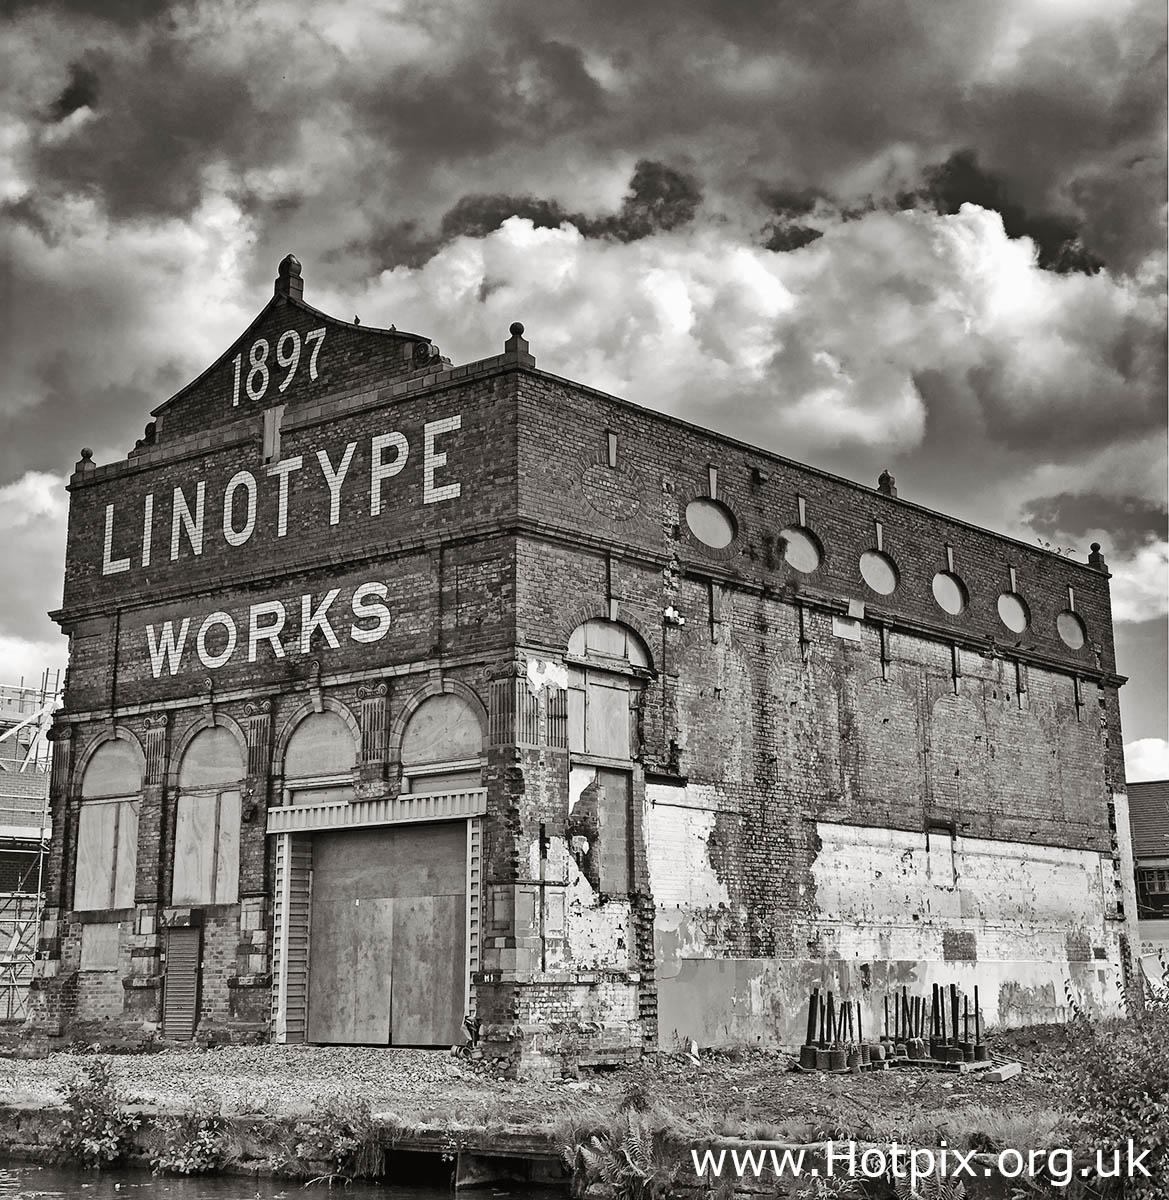 GoTonySmith,HotpixUK,Hotpix,Tony Smith,HousingITguy,365,Project365,2nd 365,HotpixUK365,Tone Smith,Linotype Works,Altrincham,Cheshire,England,UK,Bridgwater Canal